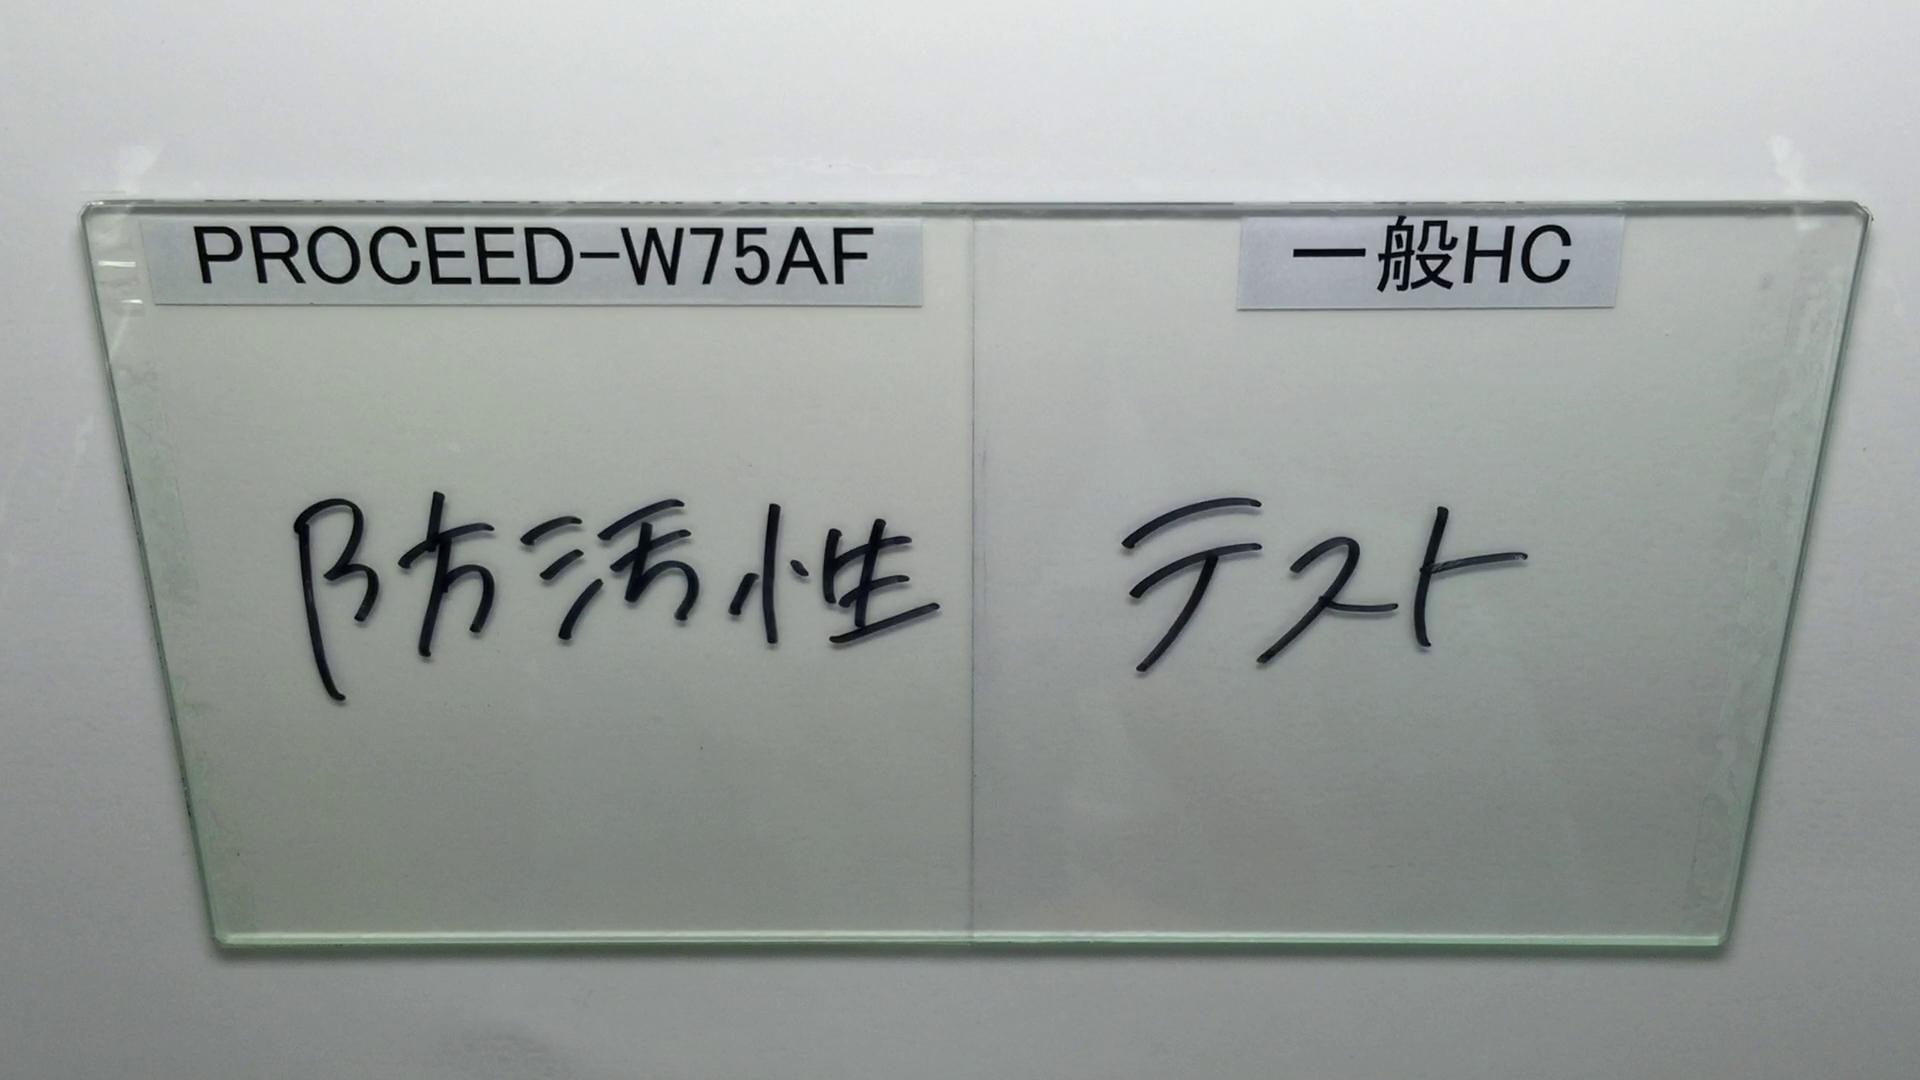 「PROCEED-W75AF」超親水性の防曇・防汚ハードコート付き保護フィルム